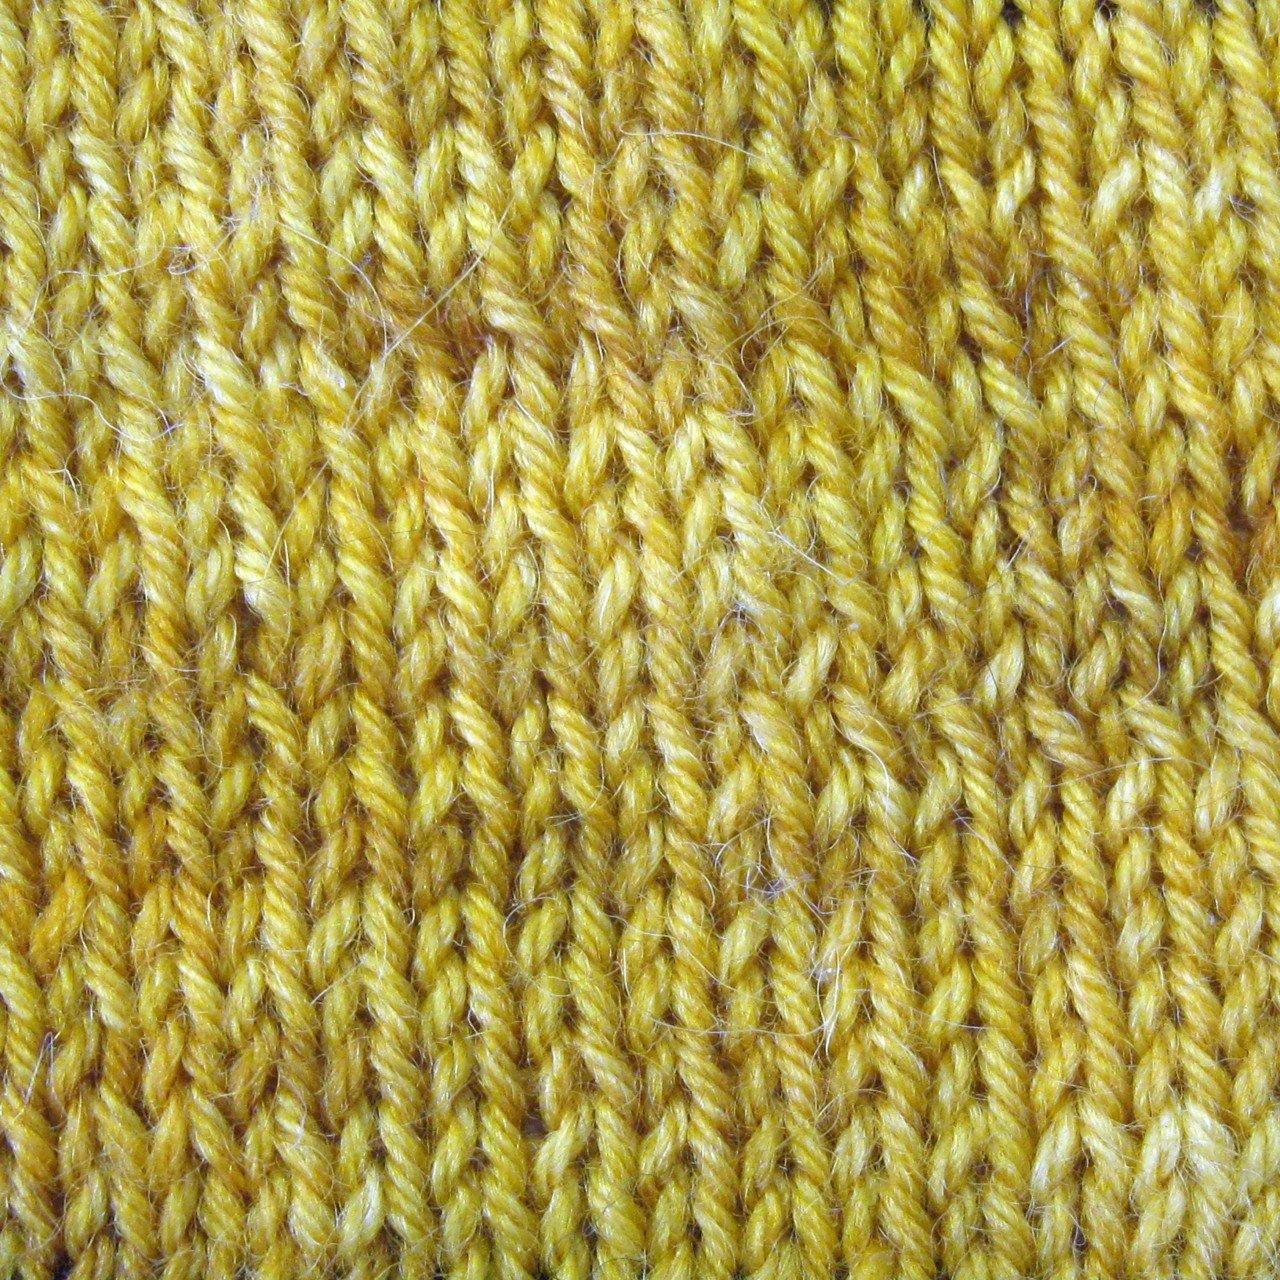 Alpaca and Superwash Wool Sock Yarn - Rumpelstiltskin AYC - 0631